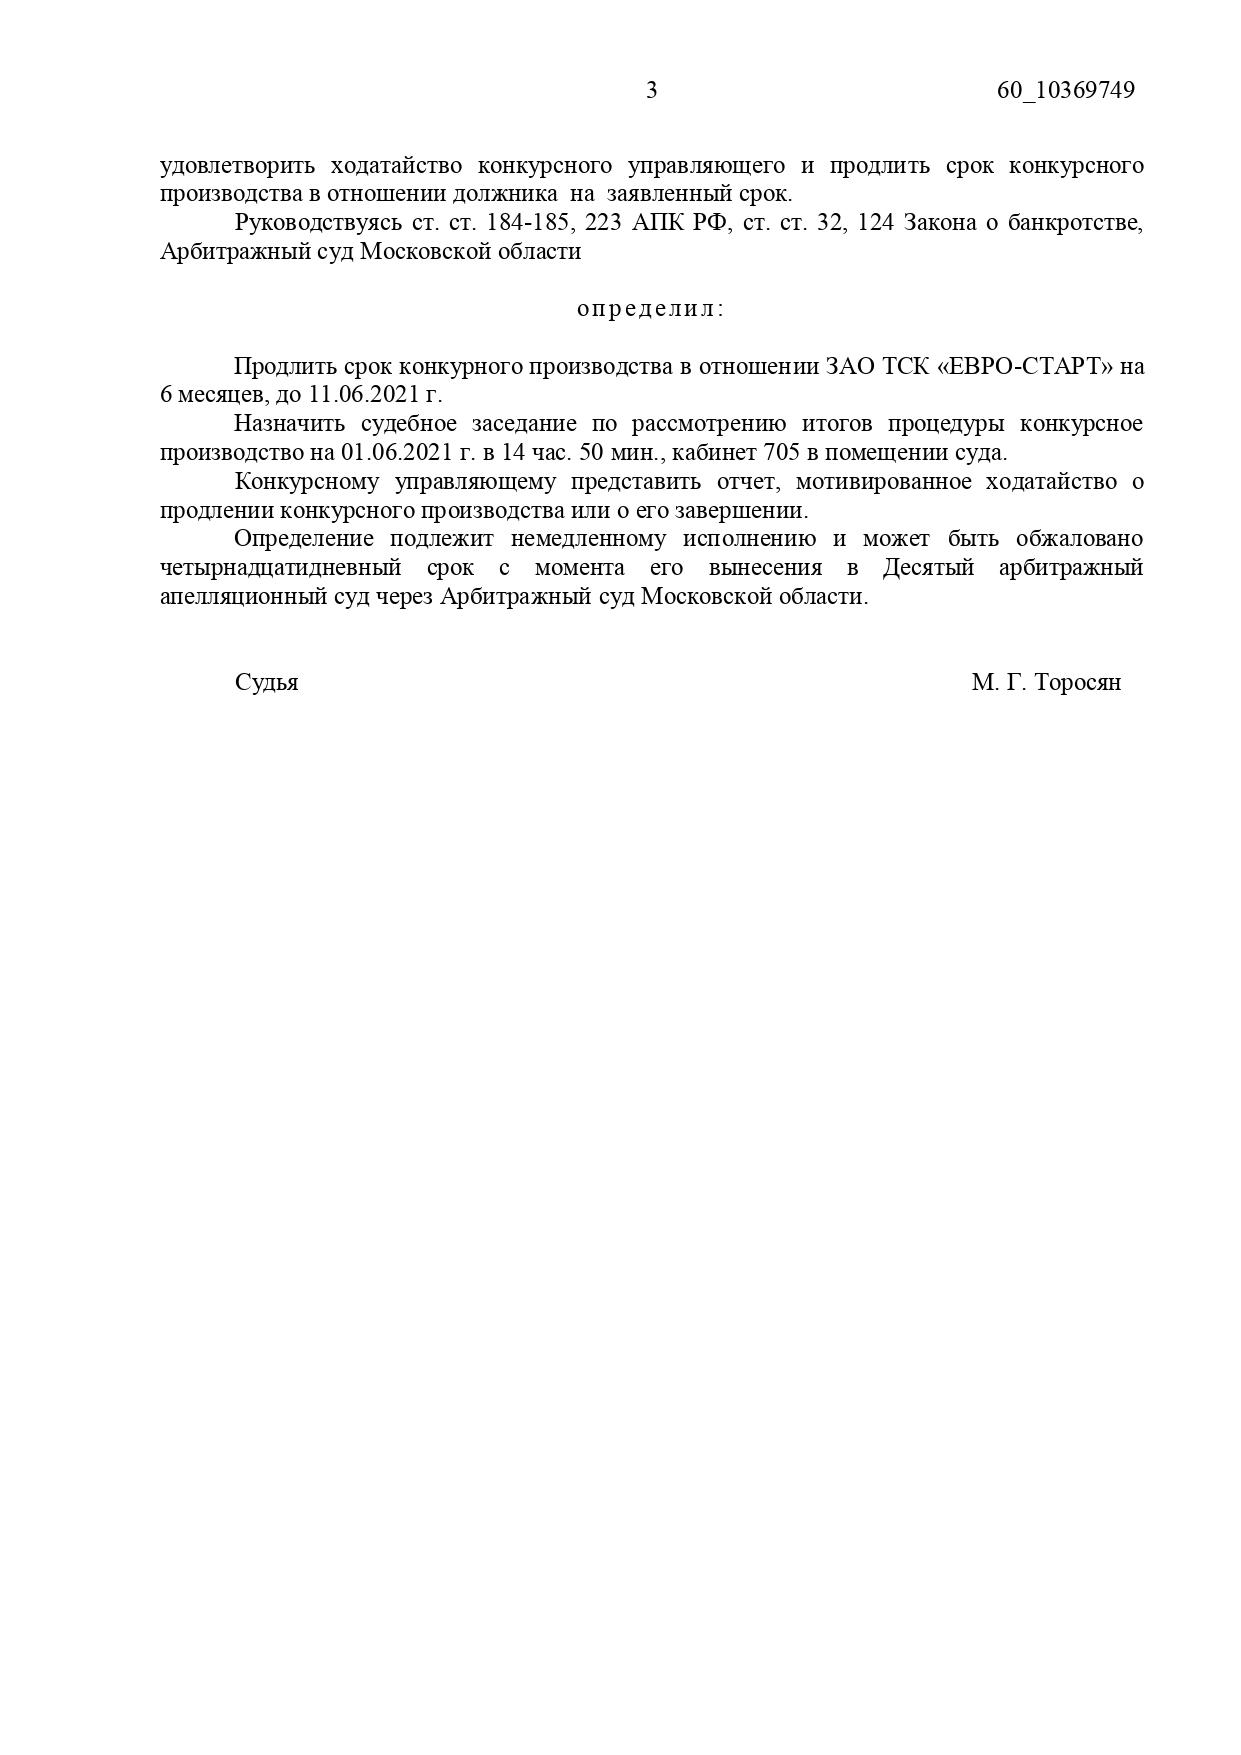 Определение Арбитражного суда города Москвы от 15.12.2020 г.